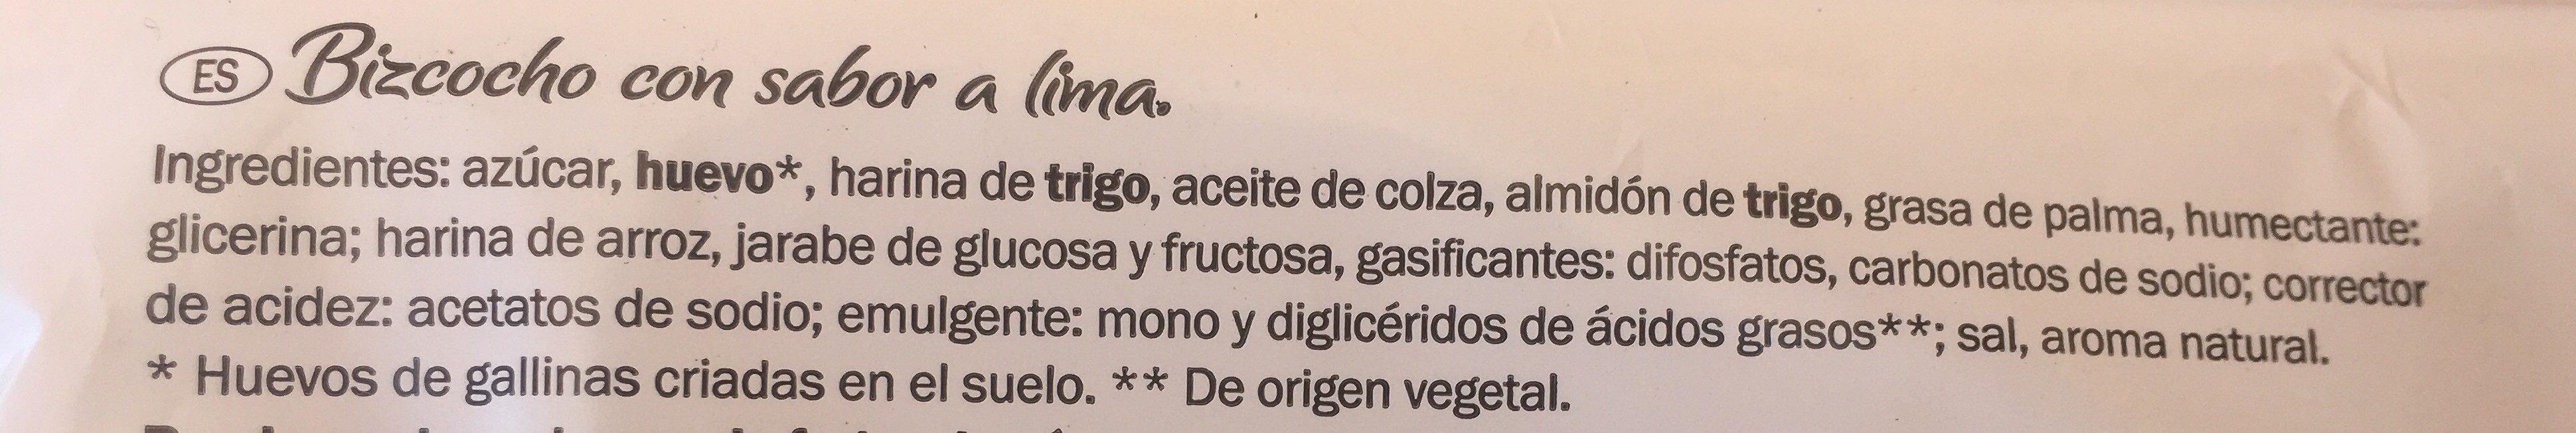 Bizcocho con sabot a lima - Ingrédients